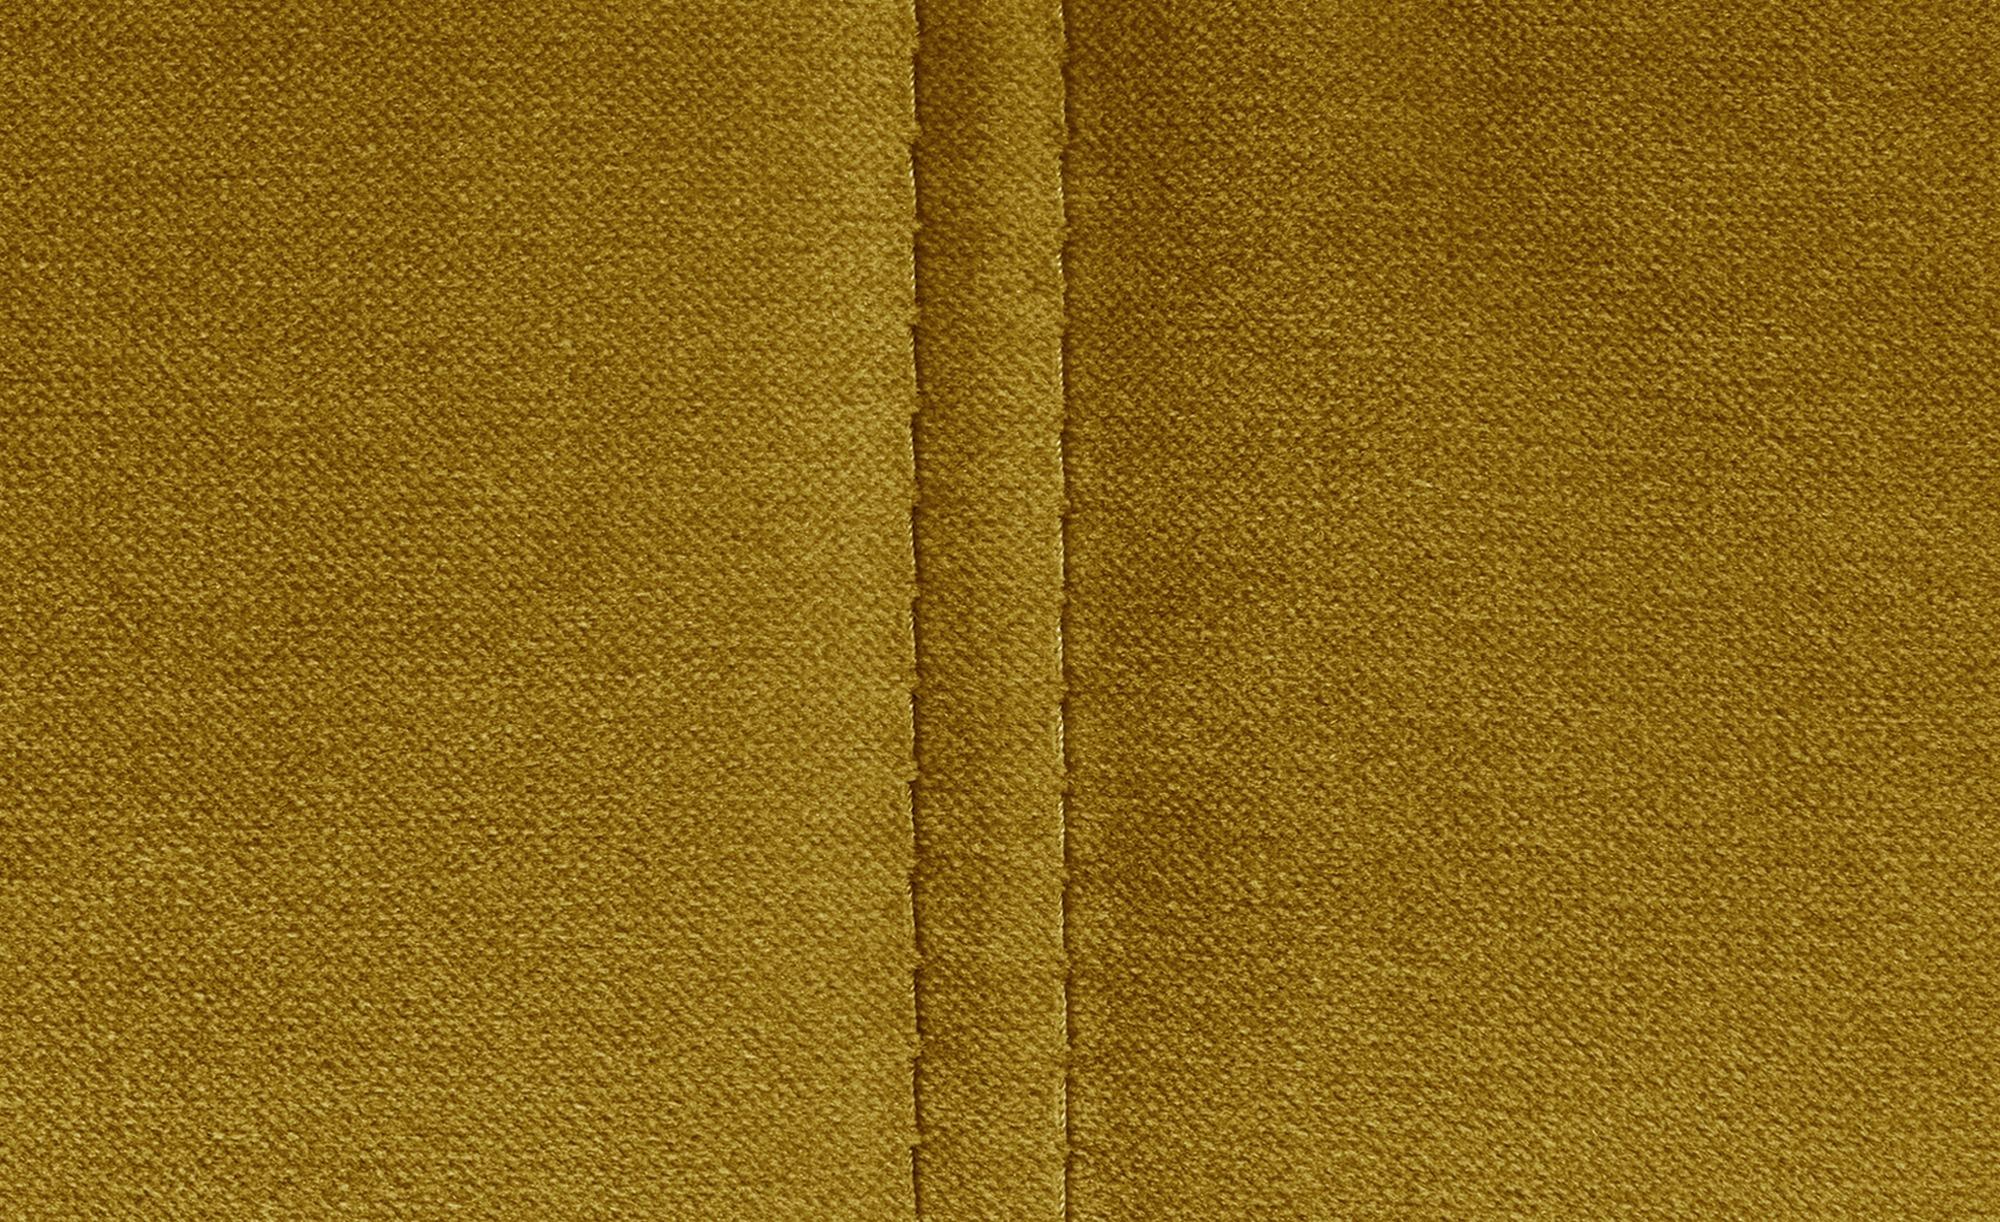 smart Sofa gelb - Mikrofaser Geradine ¦ gelb ¦ Maße (cm): B: 178 H: 83 T: 91 Polstermöbel > Sofas > 2-Sitzer - Höffner